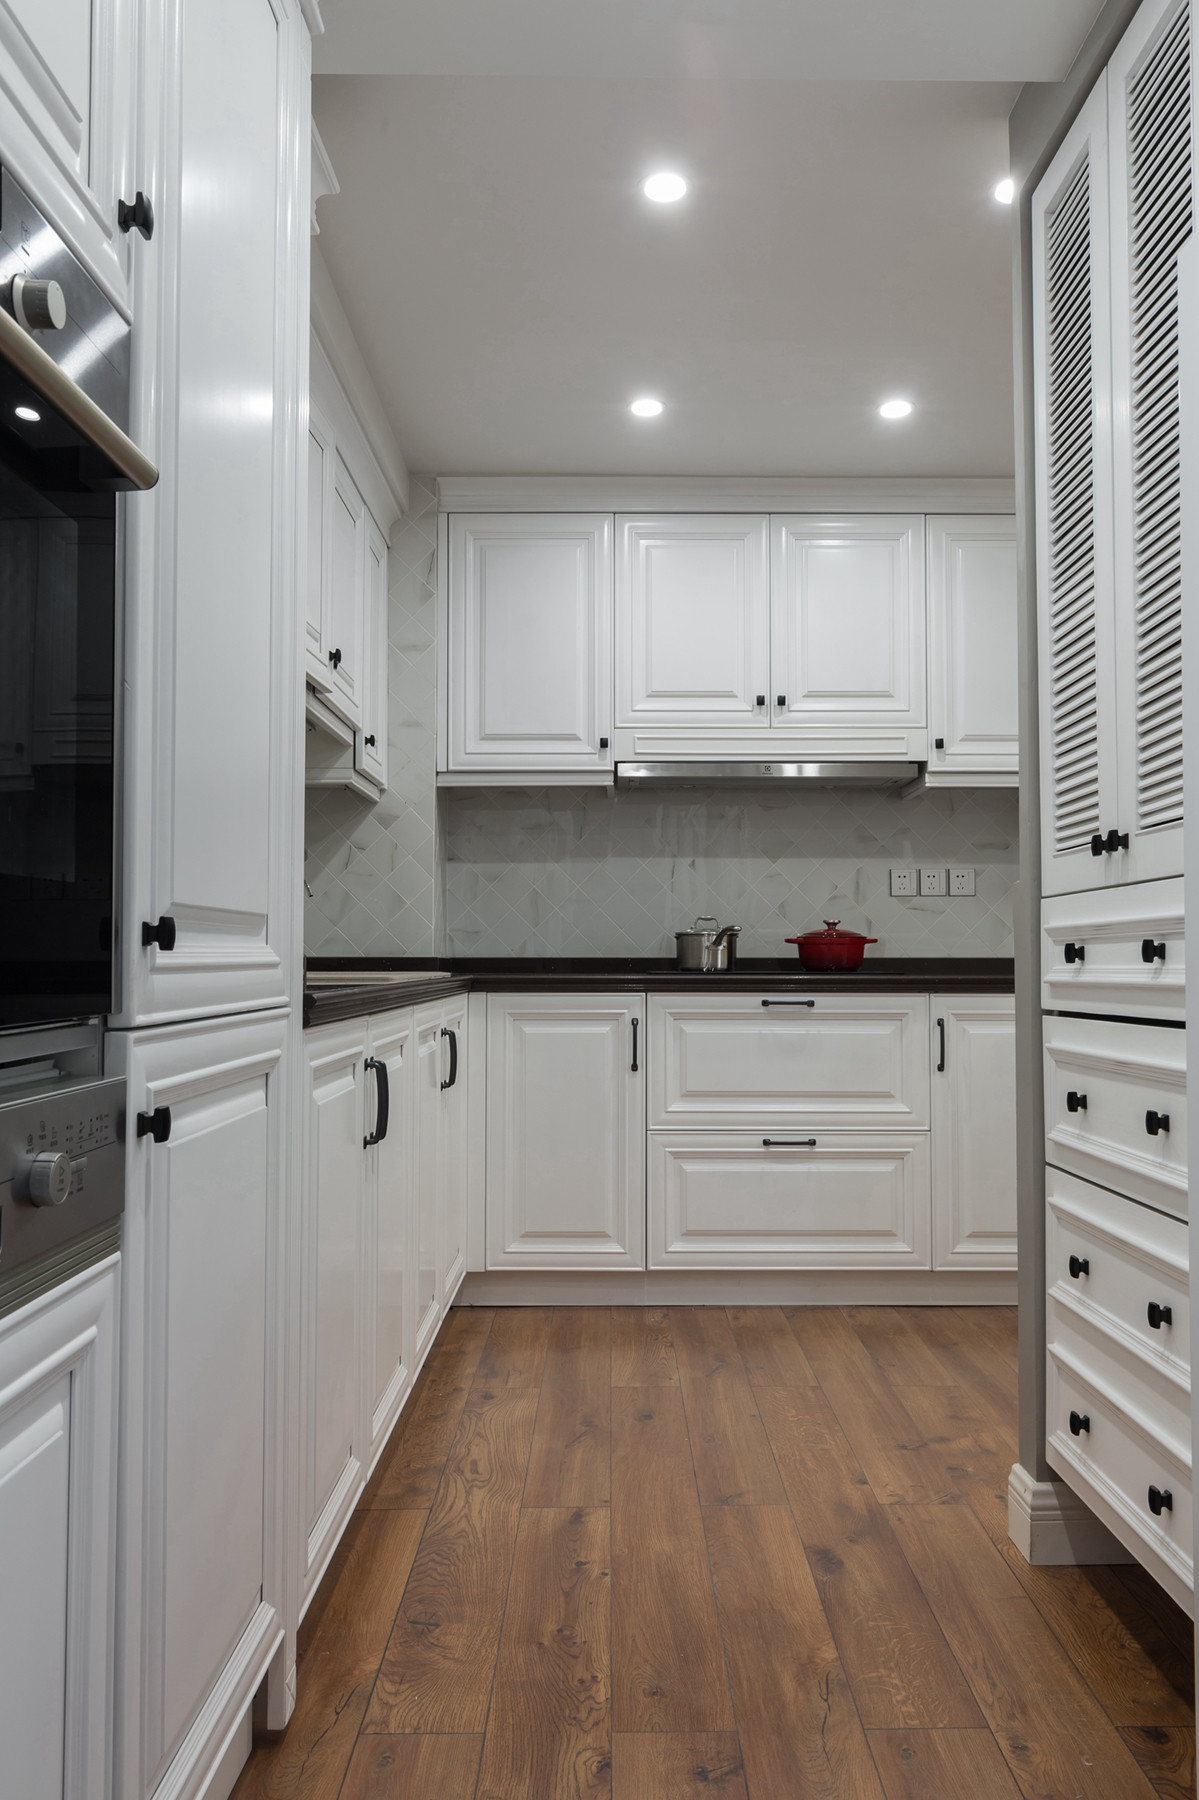 180㎡美式装修厨房设计图